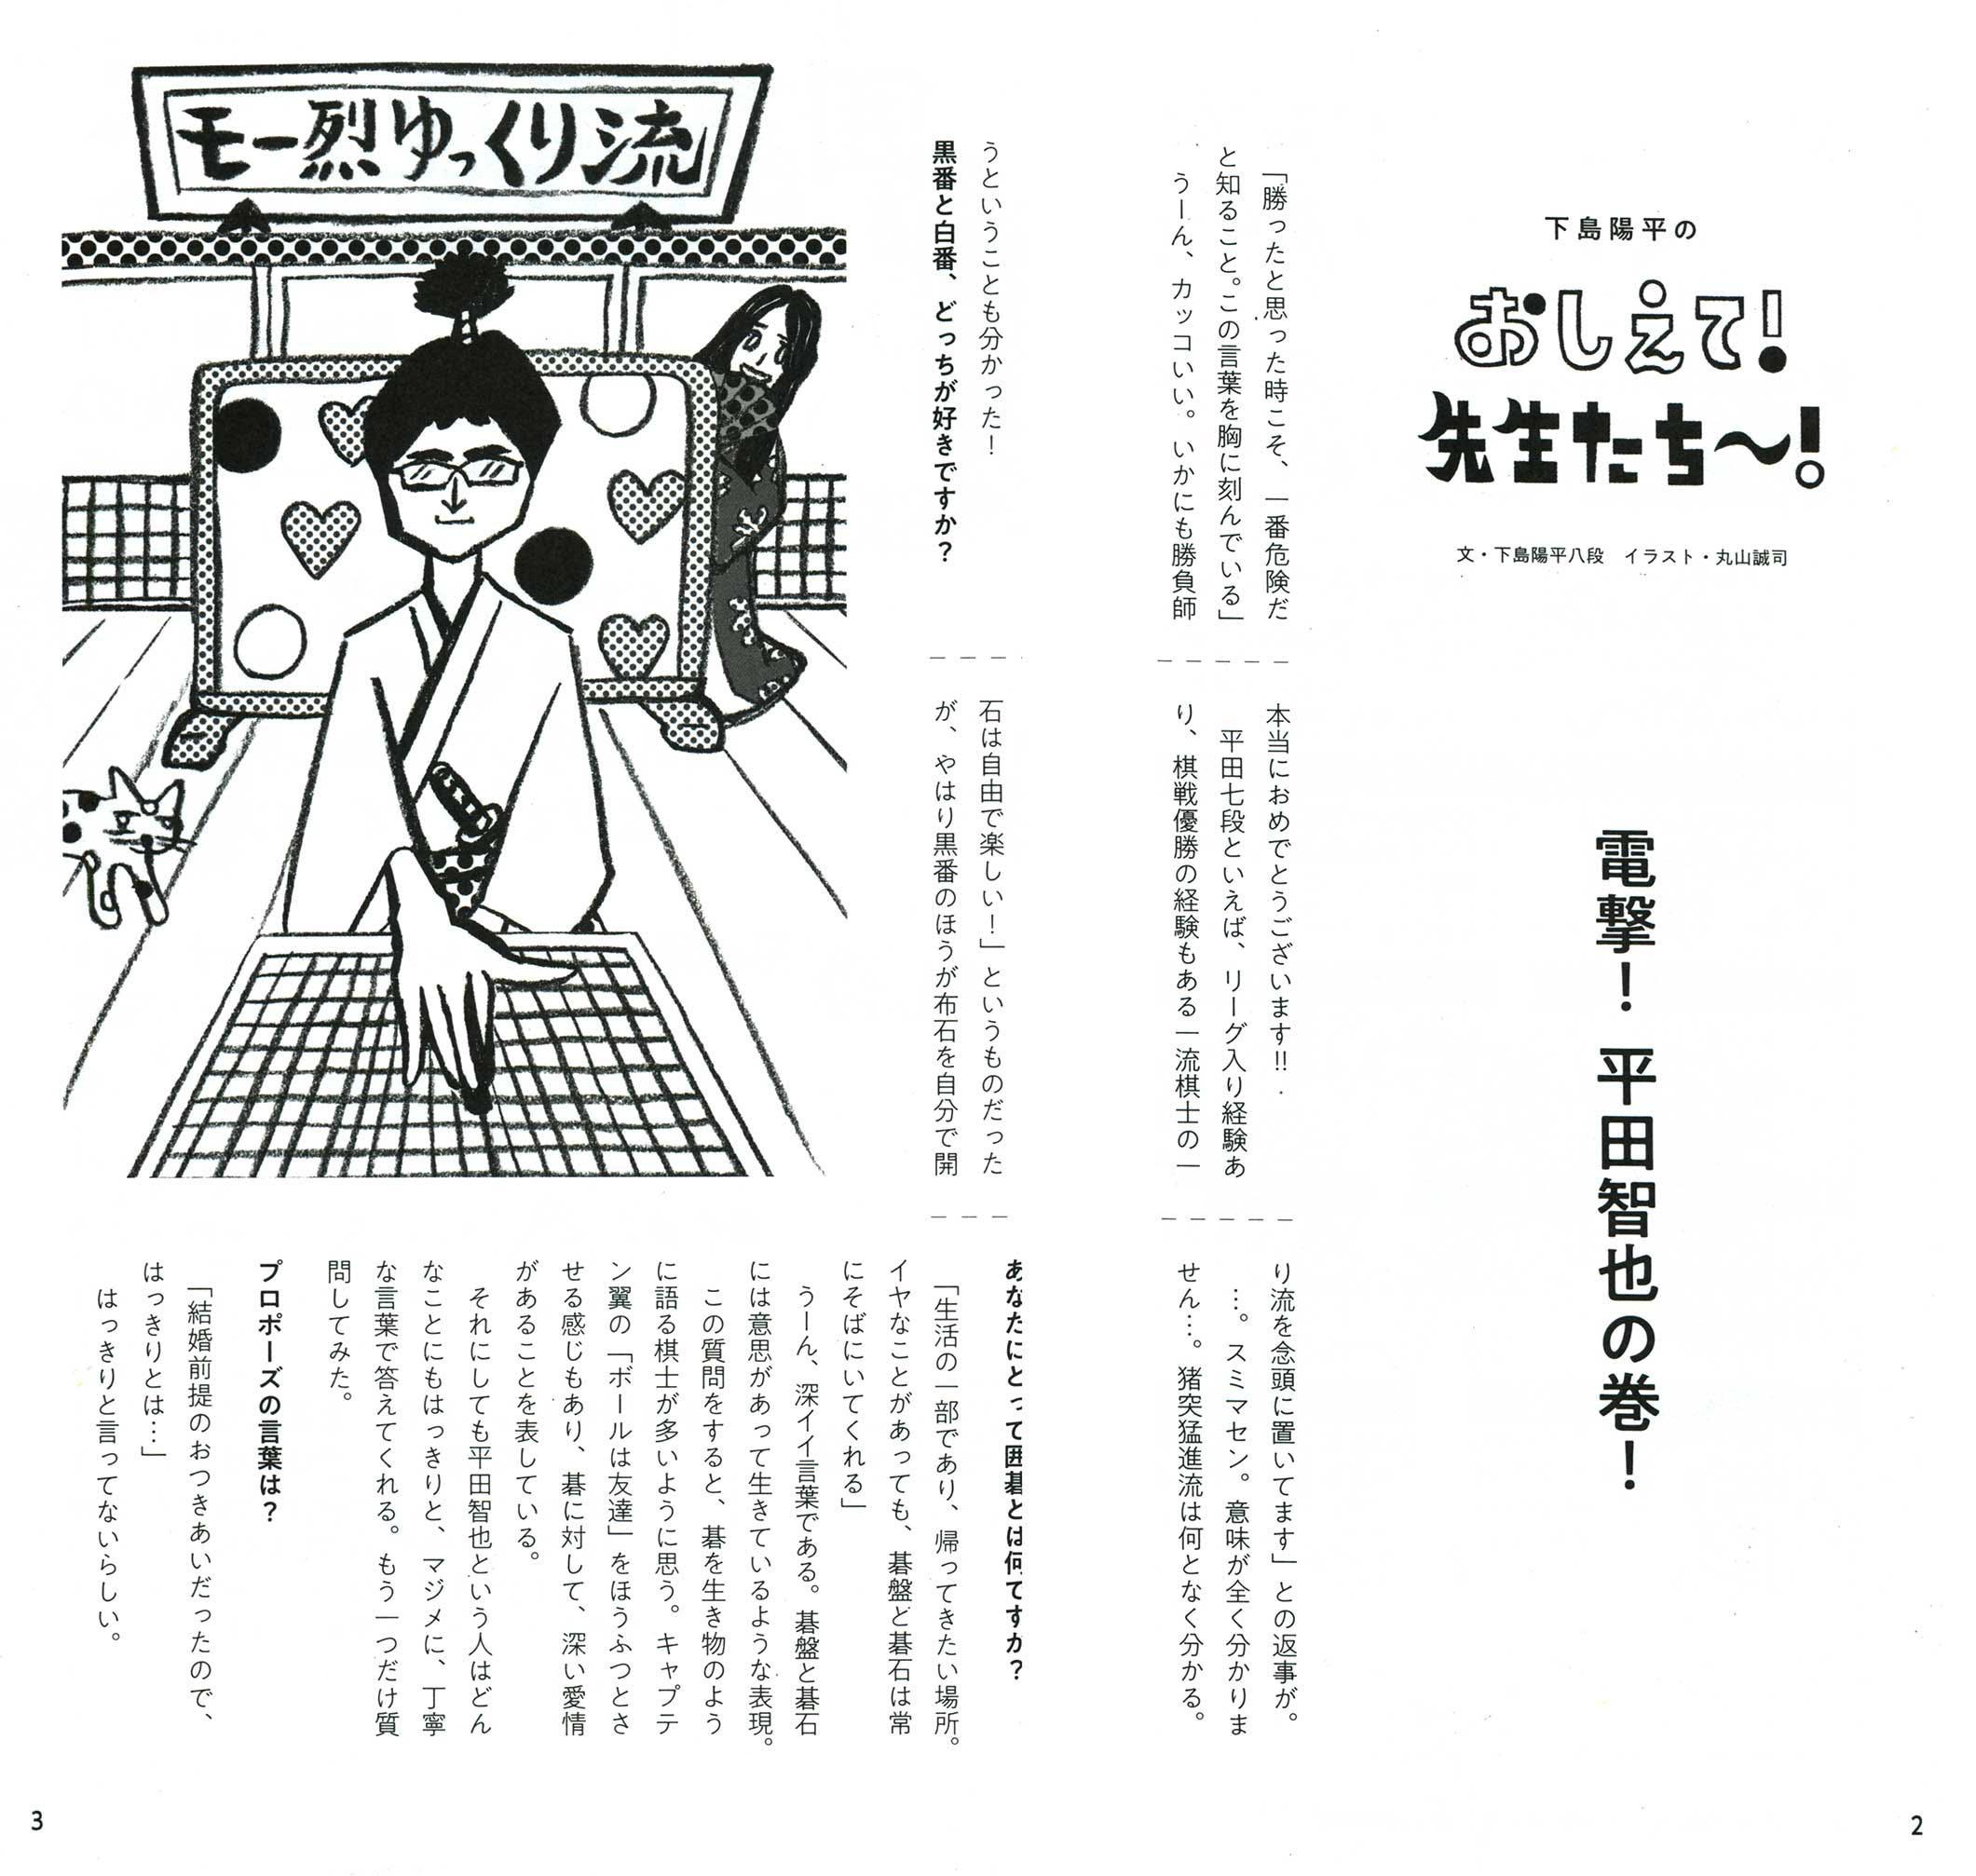 囲碁講座(NHK出版)2021年6月号 「おしえて!先生たち〜!」イラスト+タイトル描き文字_a0048227_21501878.jpg